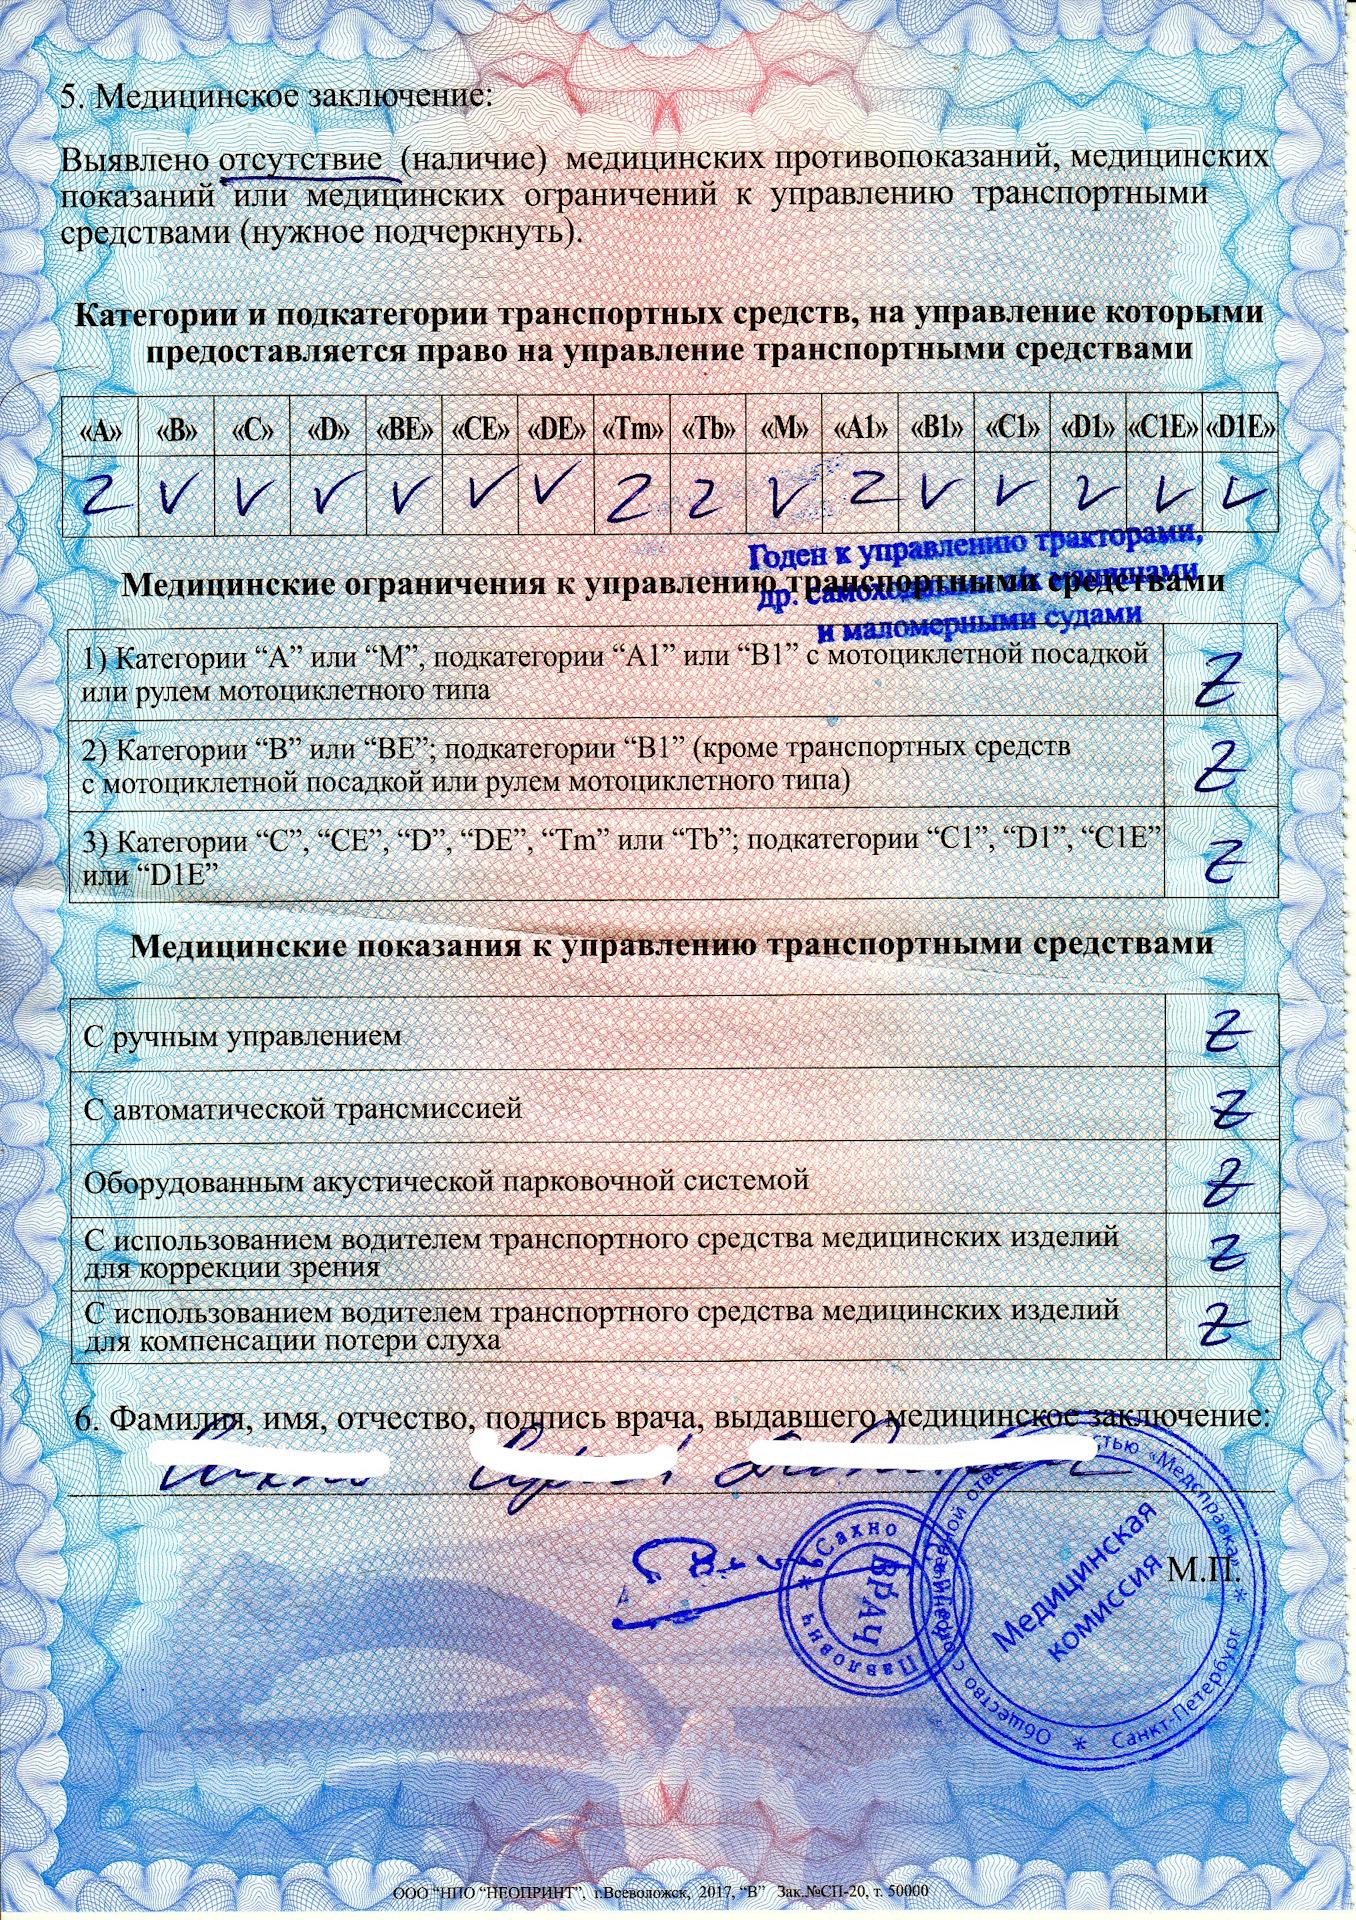 Медицинская справка на тракторные права фото Справка от врача Чистопольская улица